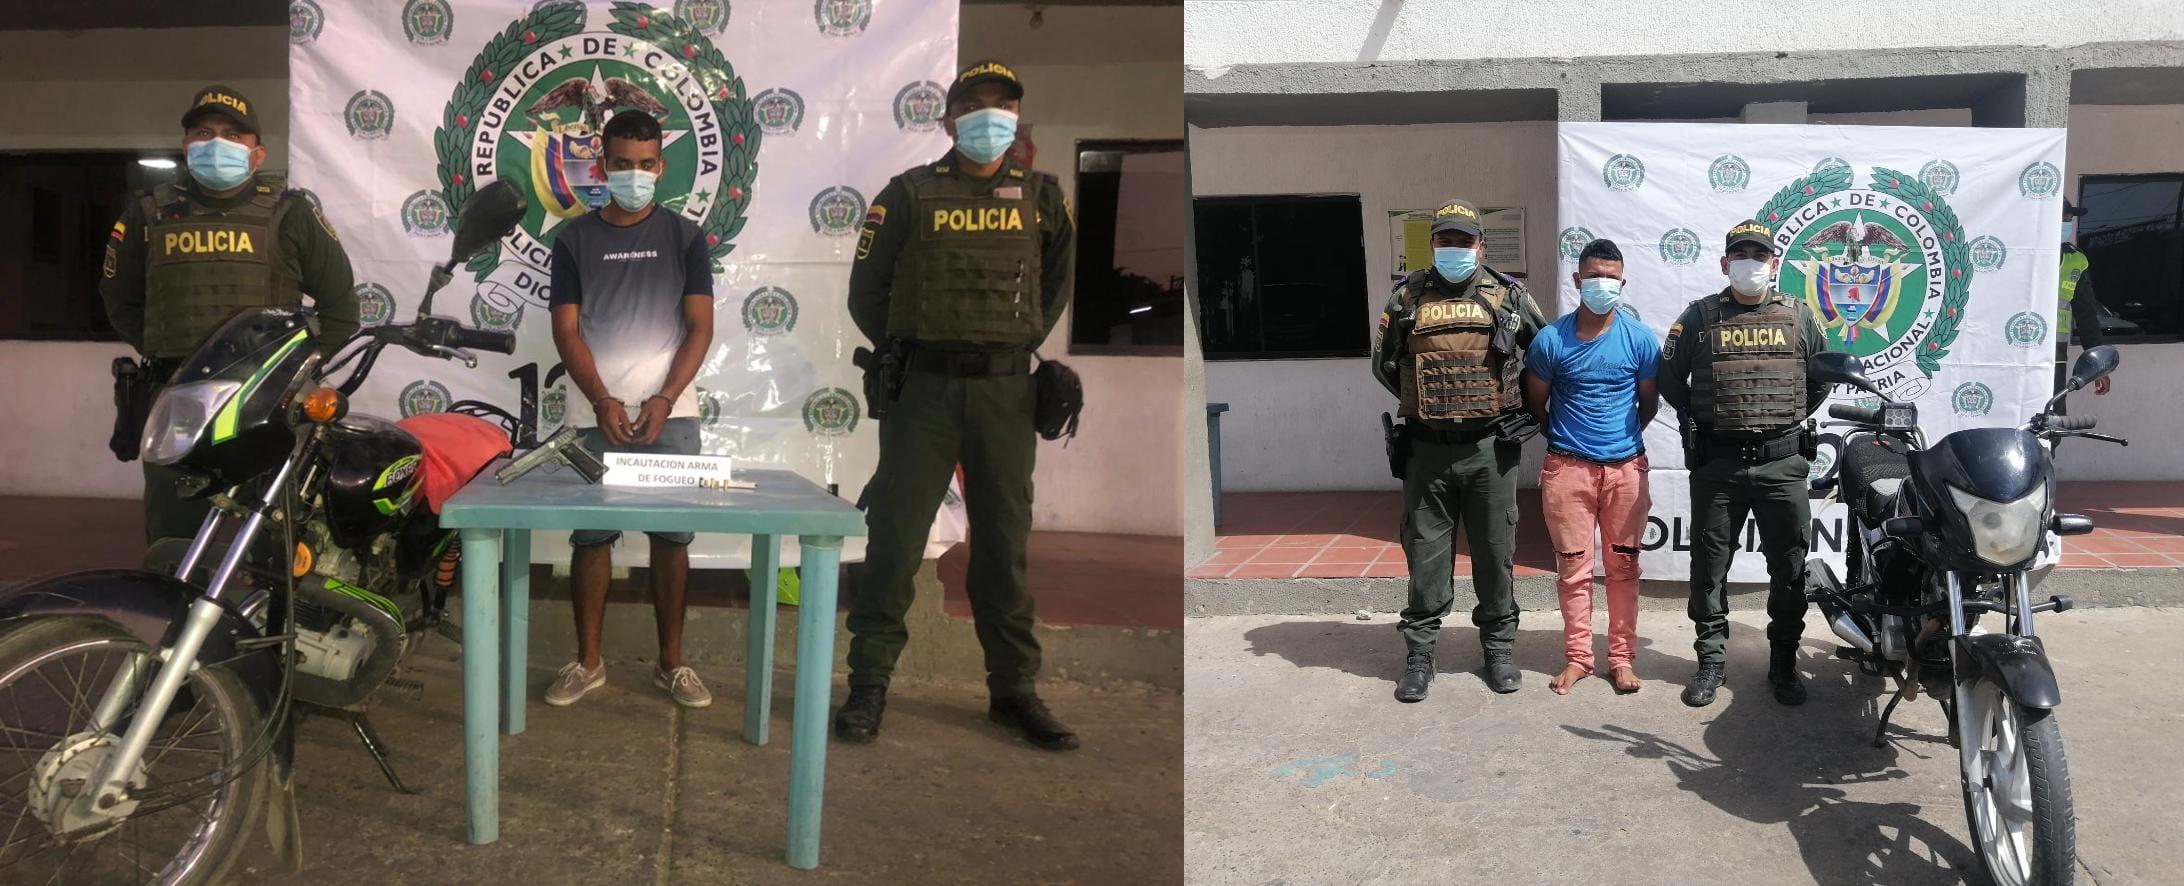 hoyennoticia.com, Policía recuperó dos motos robadas y capturó a los ladrones